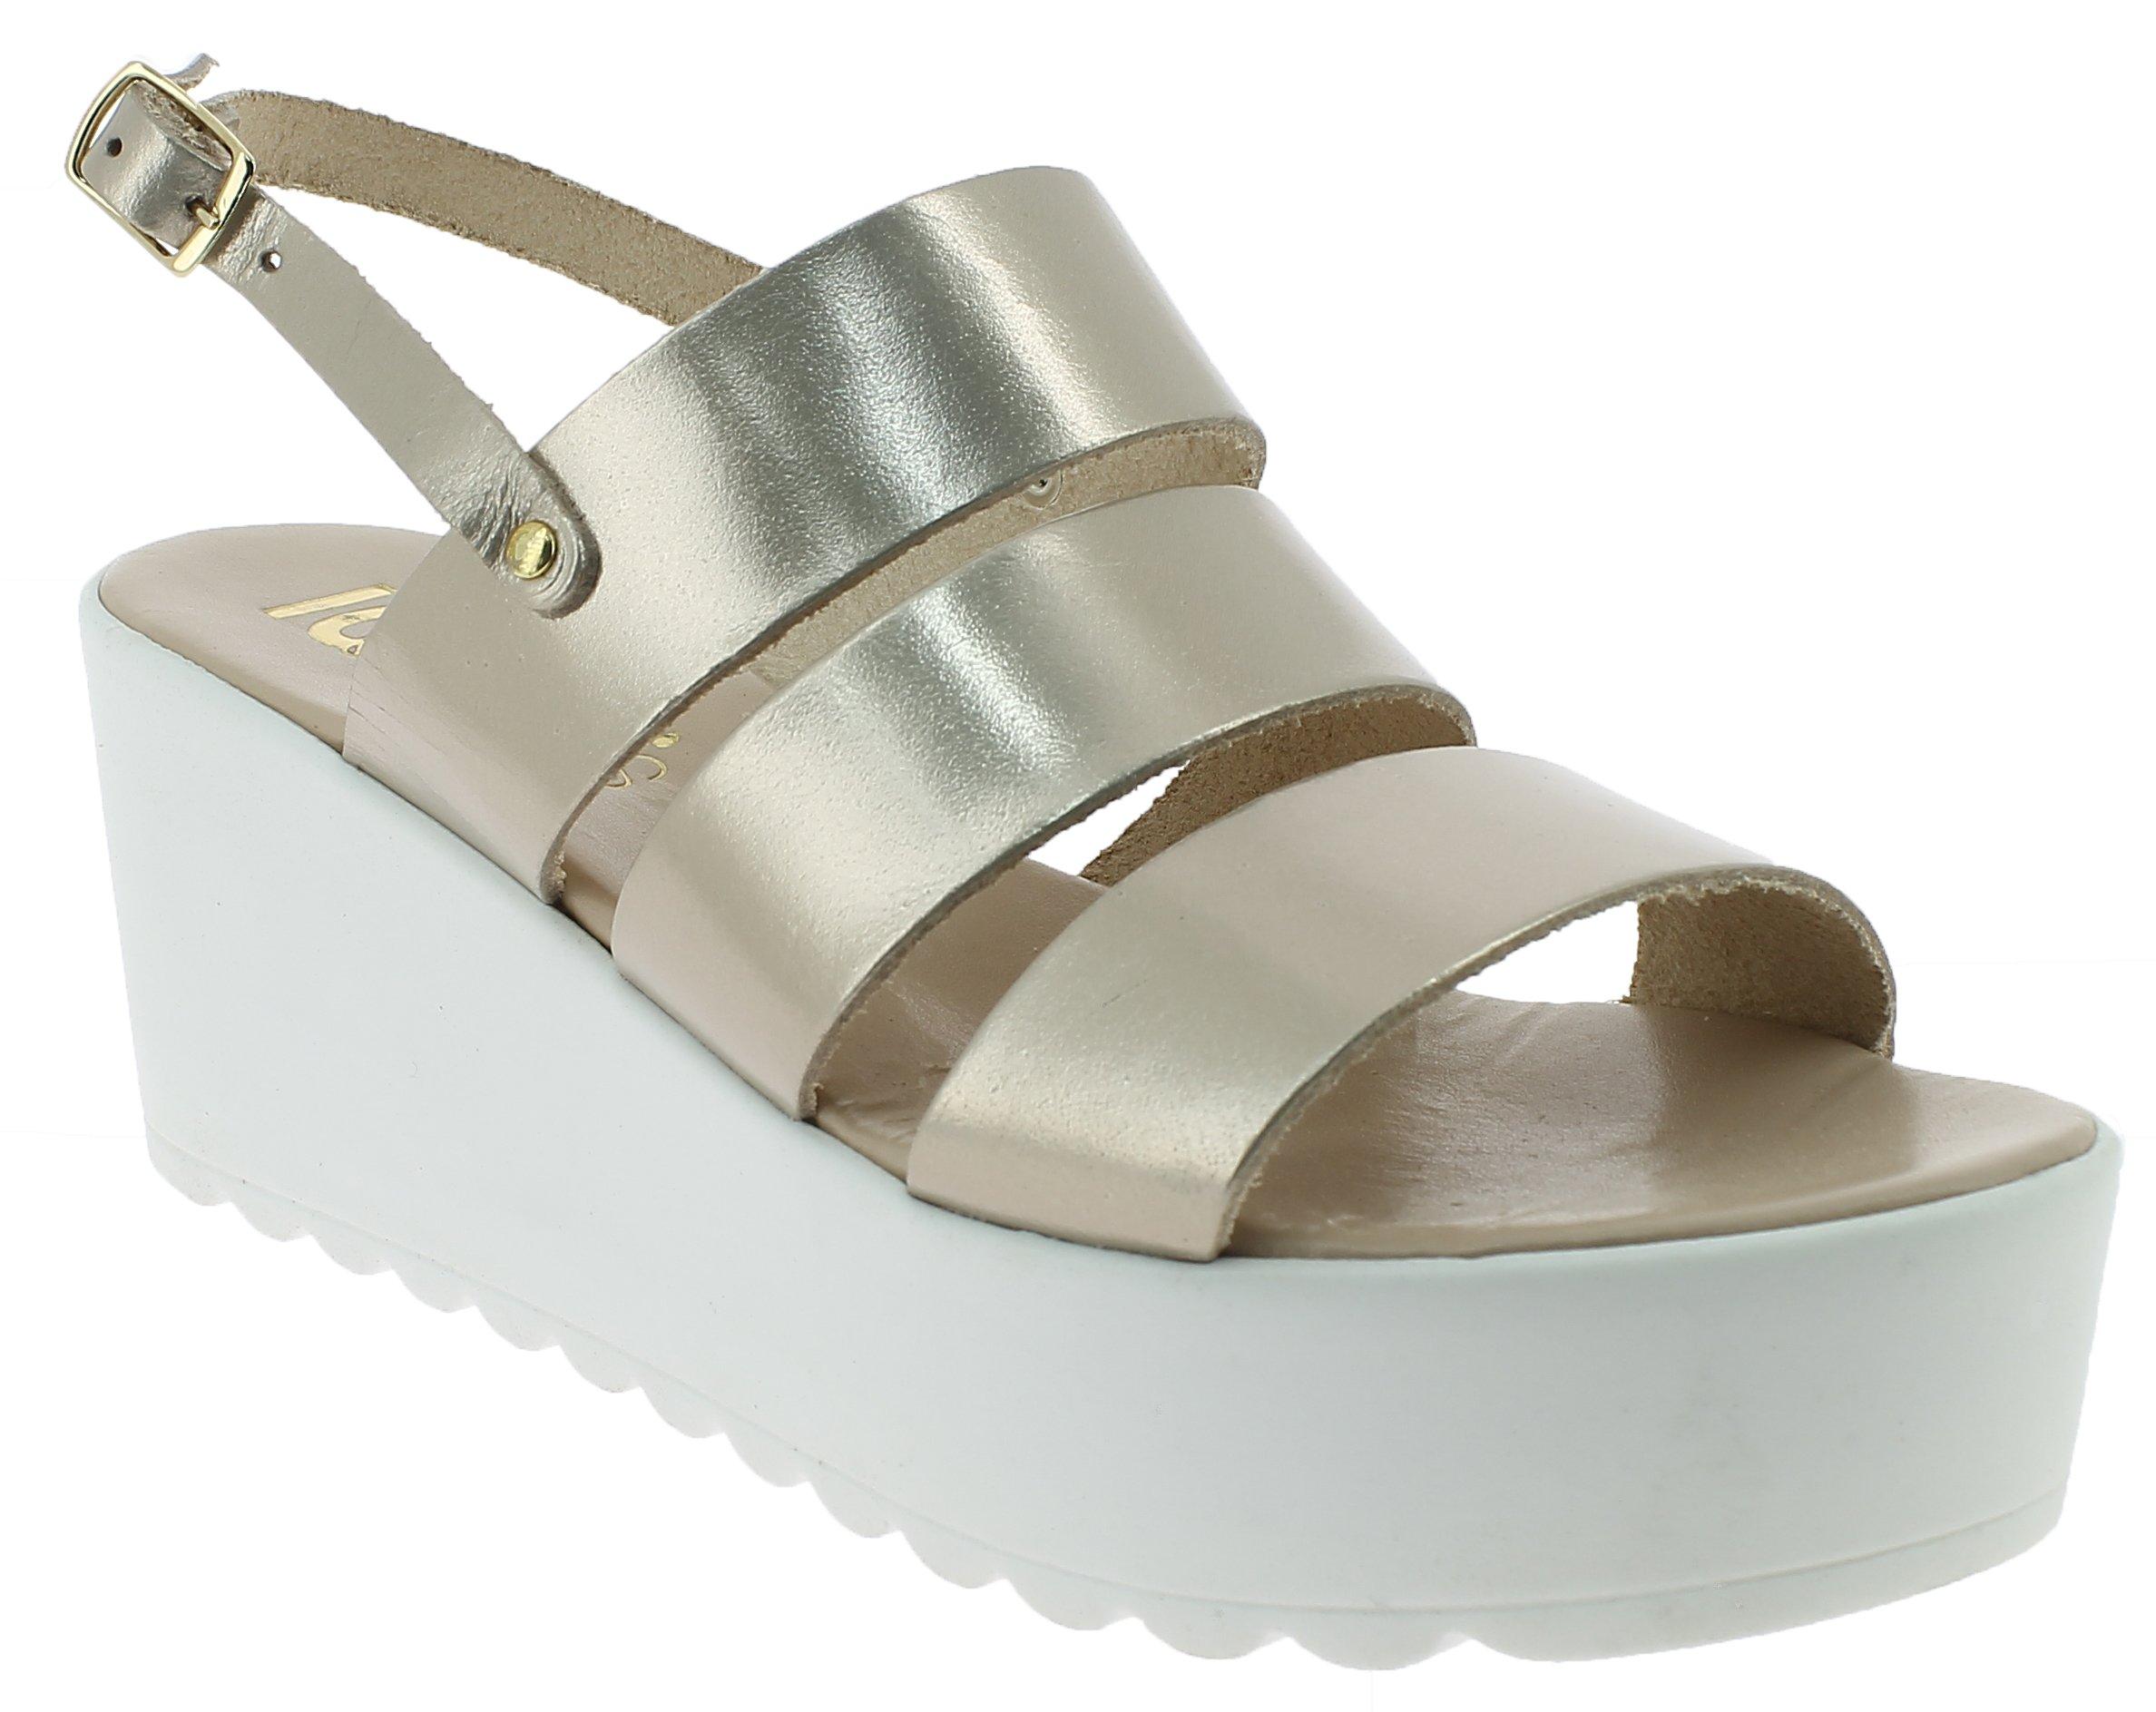 IQSHOES Γυναικείο Πέδιλο A84 Χρυσό - IqShoes - 50.A84 GOLD-IQSHOES-gold-40/1/34/ παπούτσια  προσφορεσ